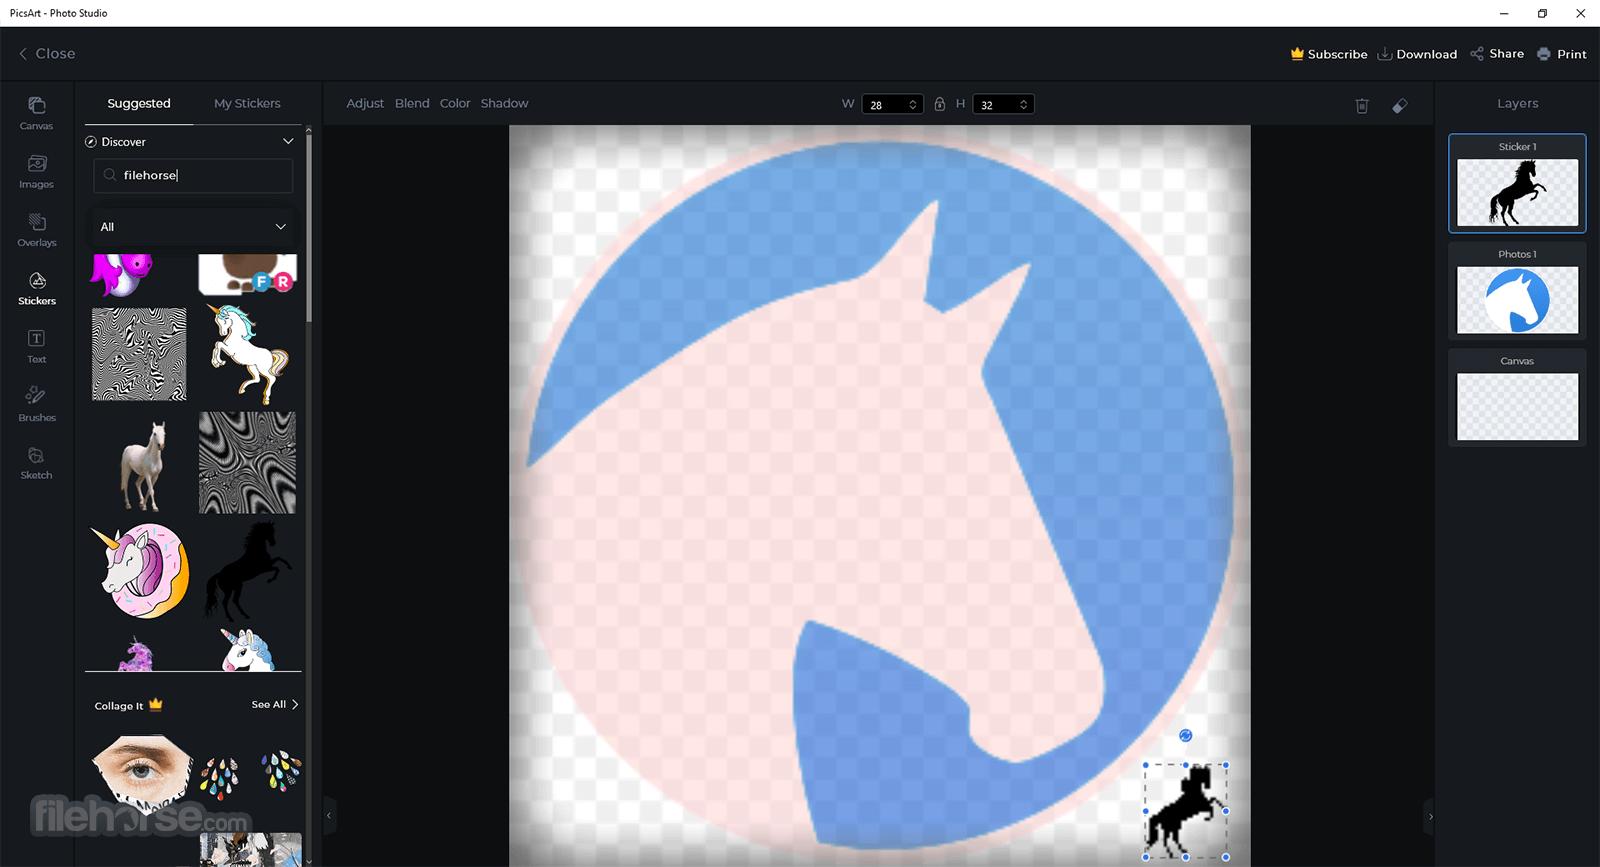 PicsArt for PC 9.4.0 Screenshot 5